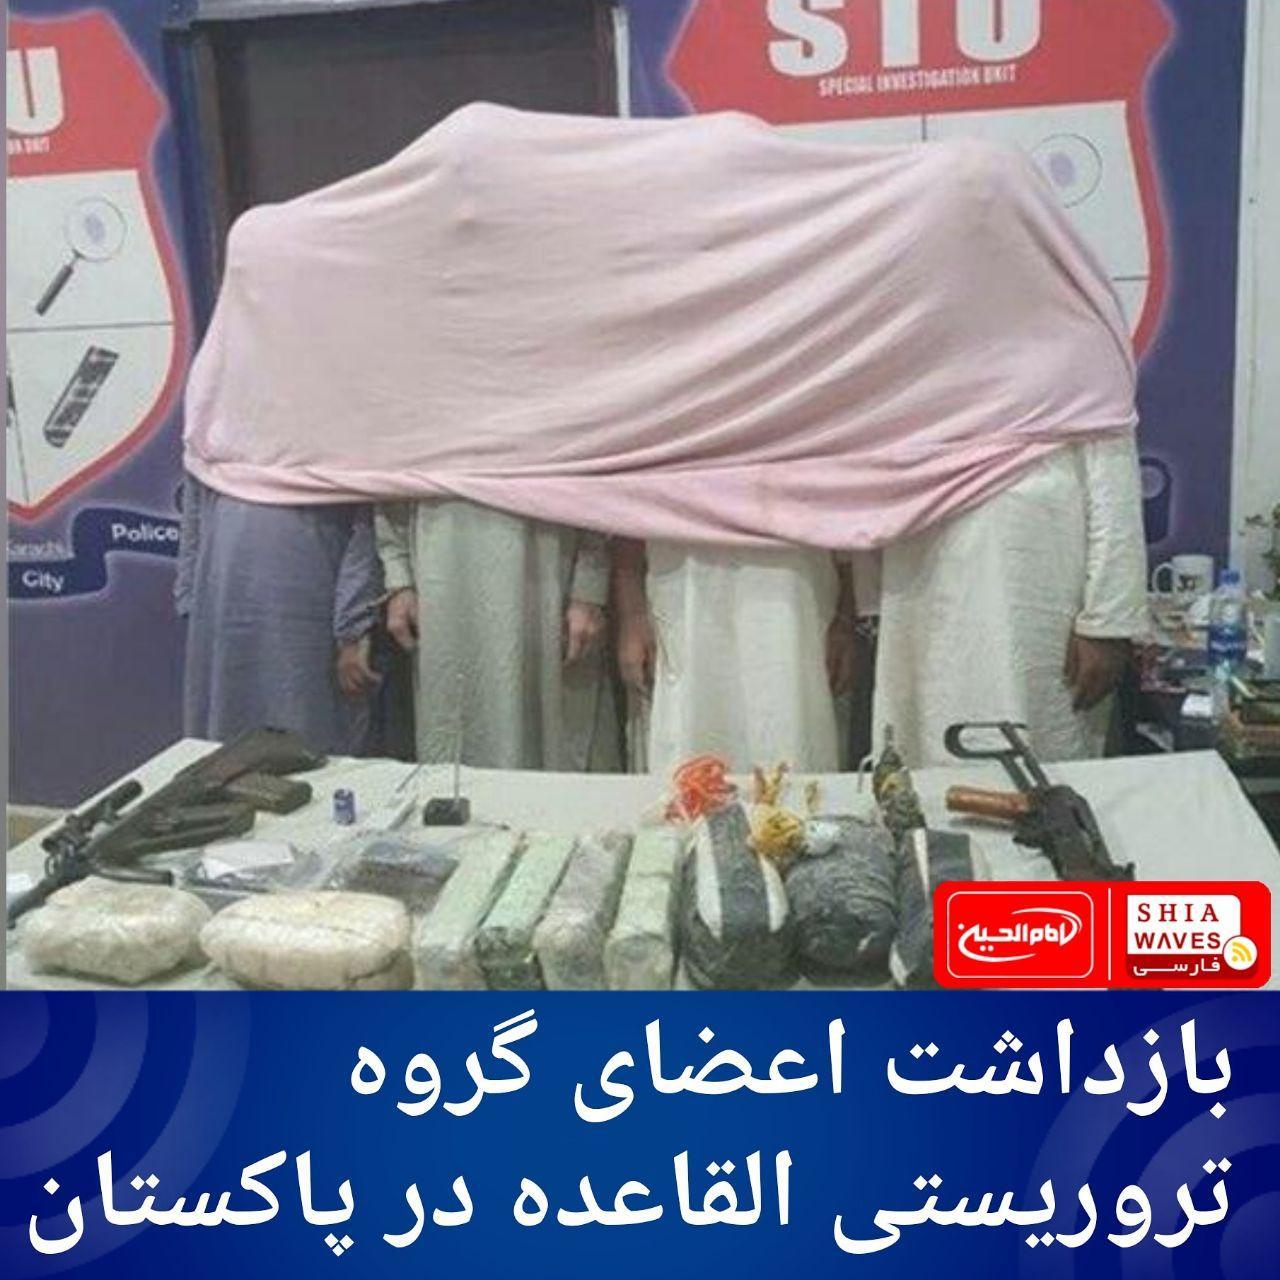 تصویر بازداشت اعضای گروه تروریستی القاعده در پاکستان